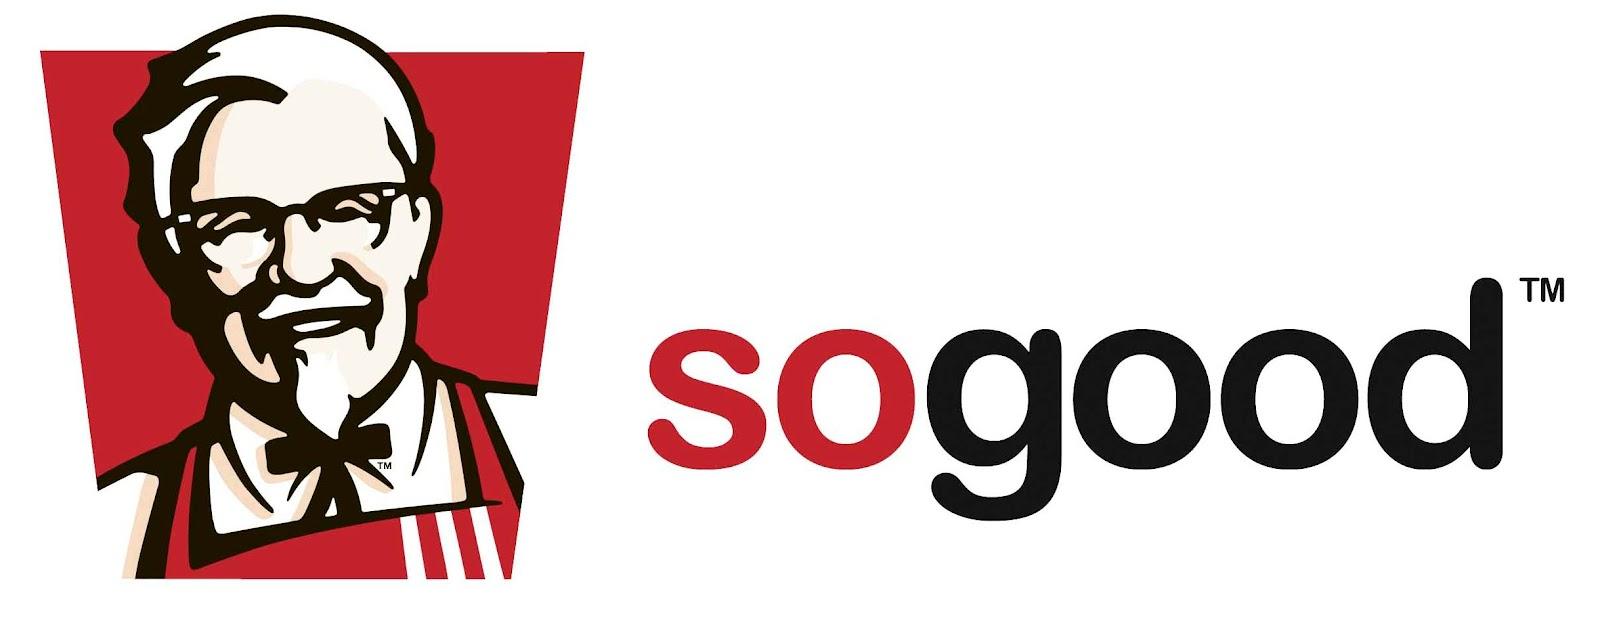 KFC So Good Logo 1600x622